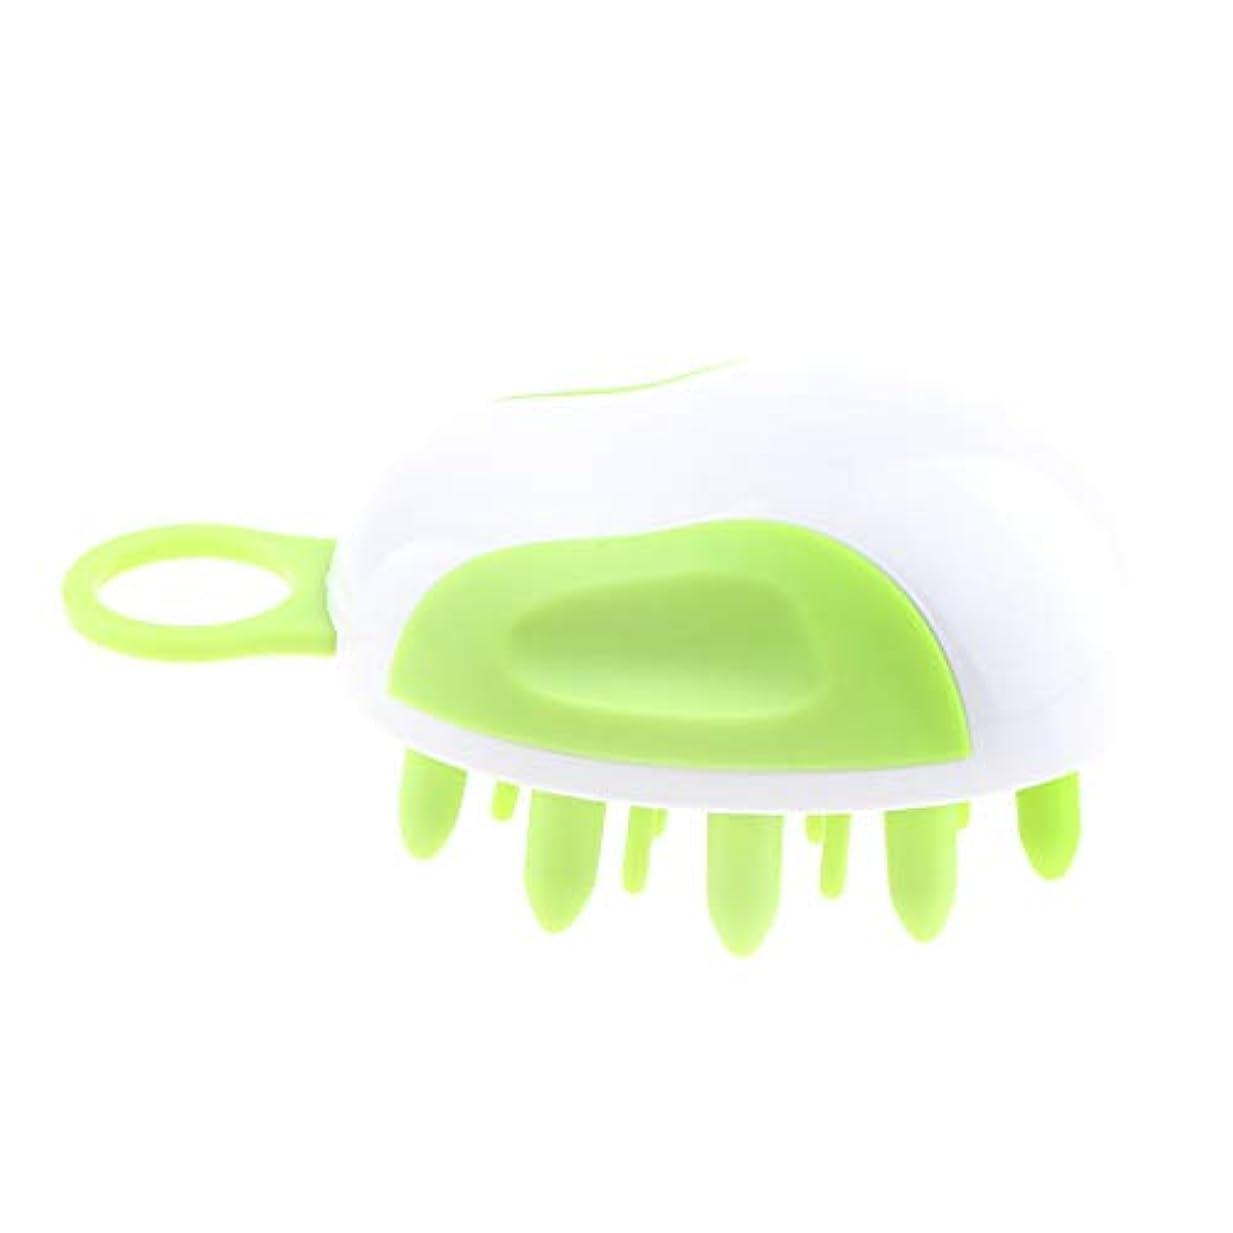 論文黒口実シャンプーブラシ 角質除去 ヘアダイコーム ヘアブラシ 頭皮マッサージャー ヘアカラーリング用品 全2カラー - 緑